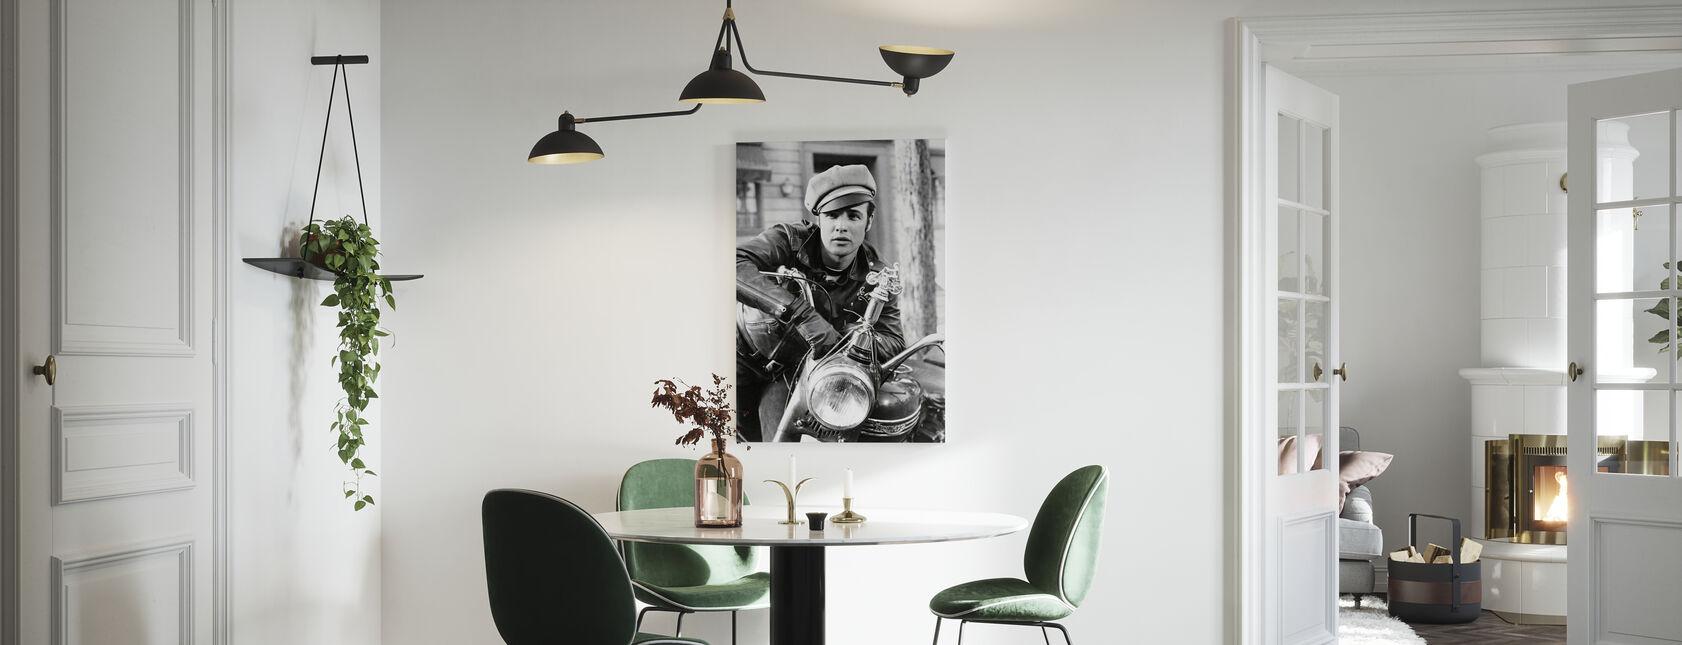 Marlon Brando w dzikim - Obraz na płótnie - Kuchnia